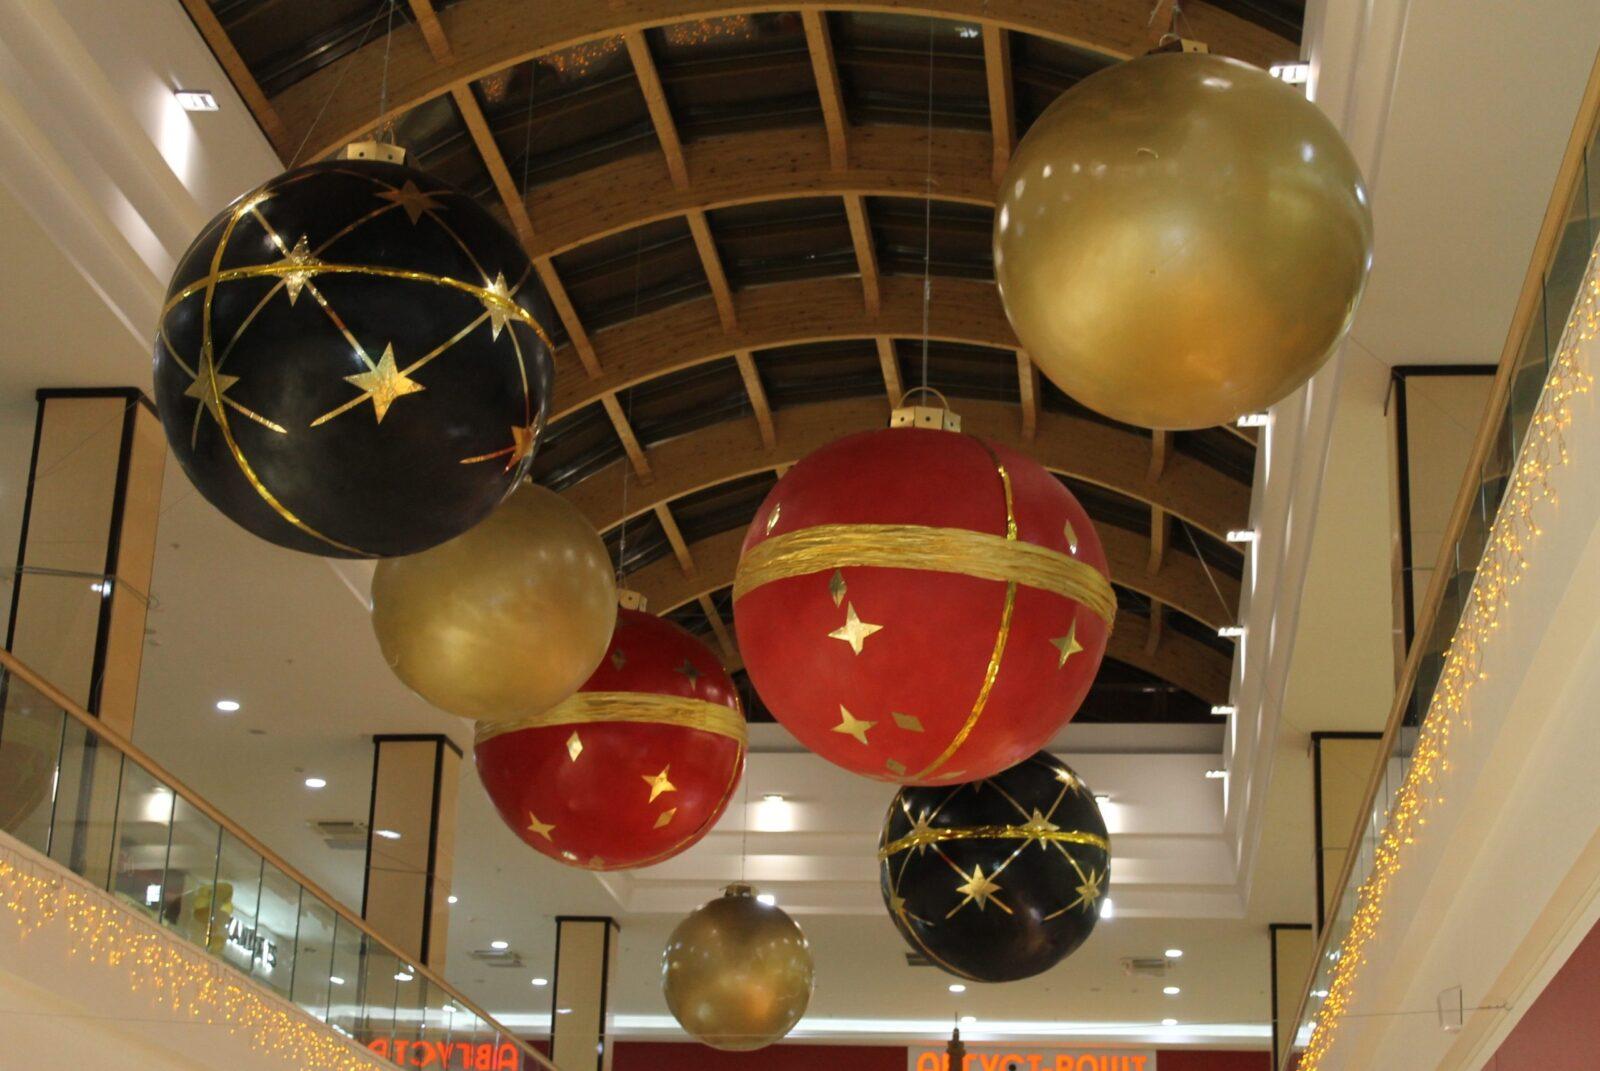 Предпринимателям Твери предлагают создать новогоднее настроение